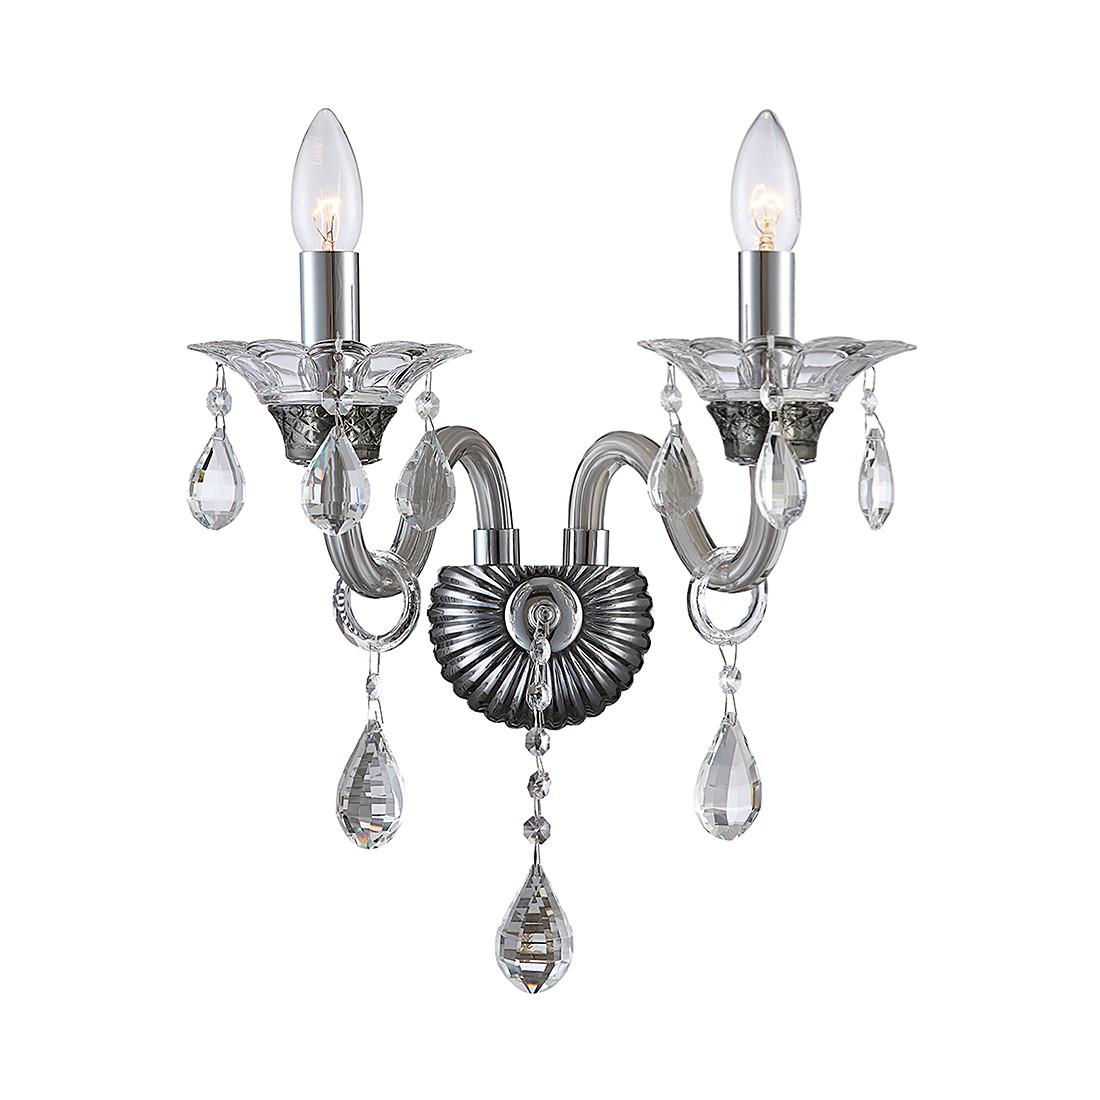 EEK A++, Wandleuchte Dunja - Metall - Silber - 2-flammig, Lux